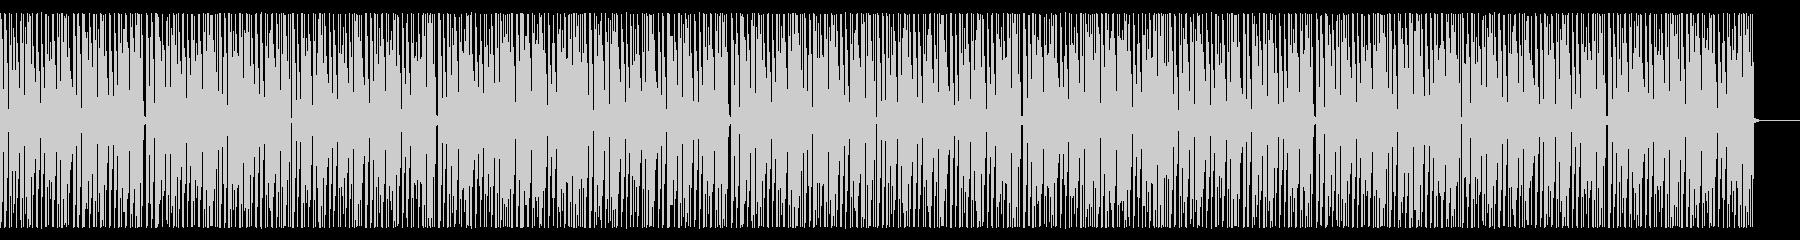 ほのぼのCM系BGMの未再生の波形